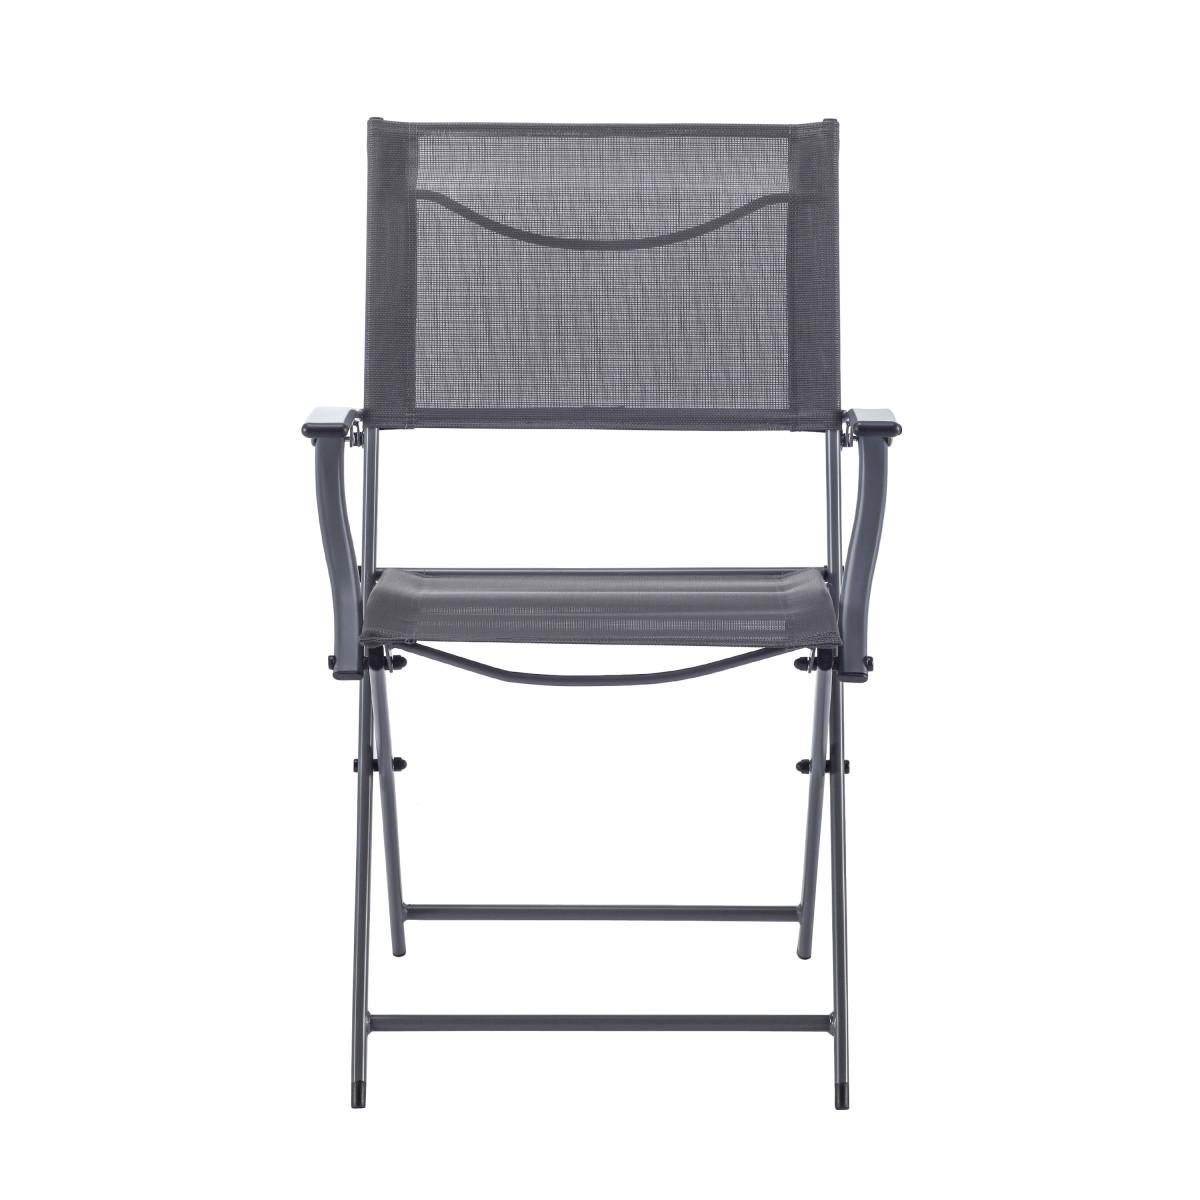 Кресло Naterial Emys Origami Складное 54Х52Х83 Сталь Темно-Серый